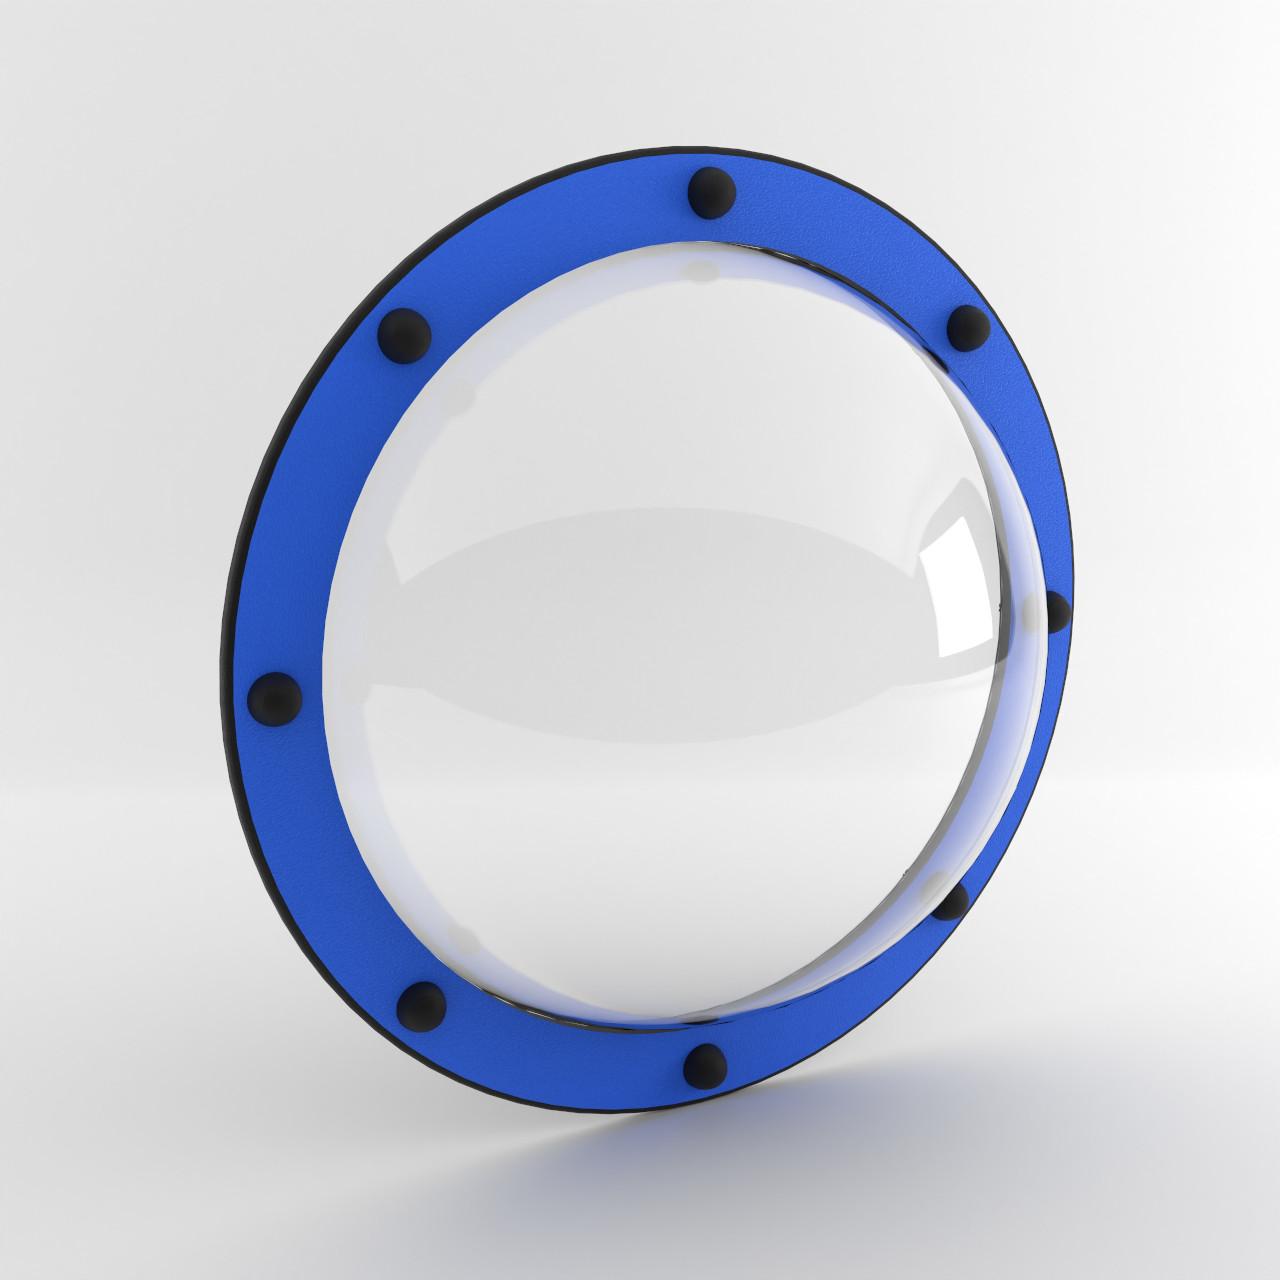 porthole (spherical window)